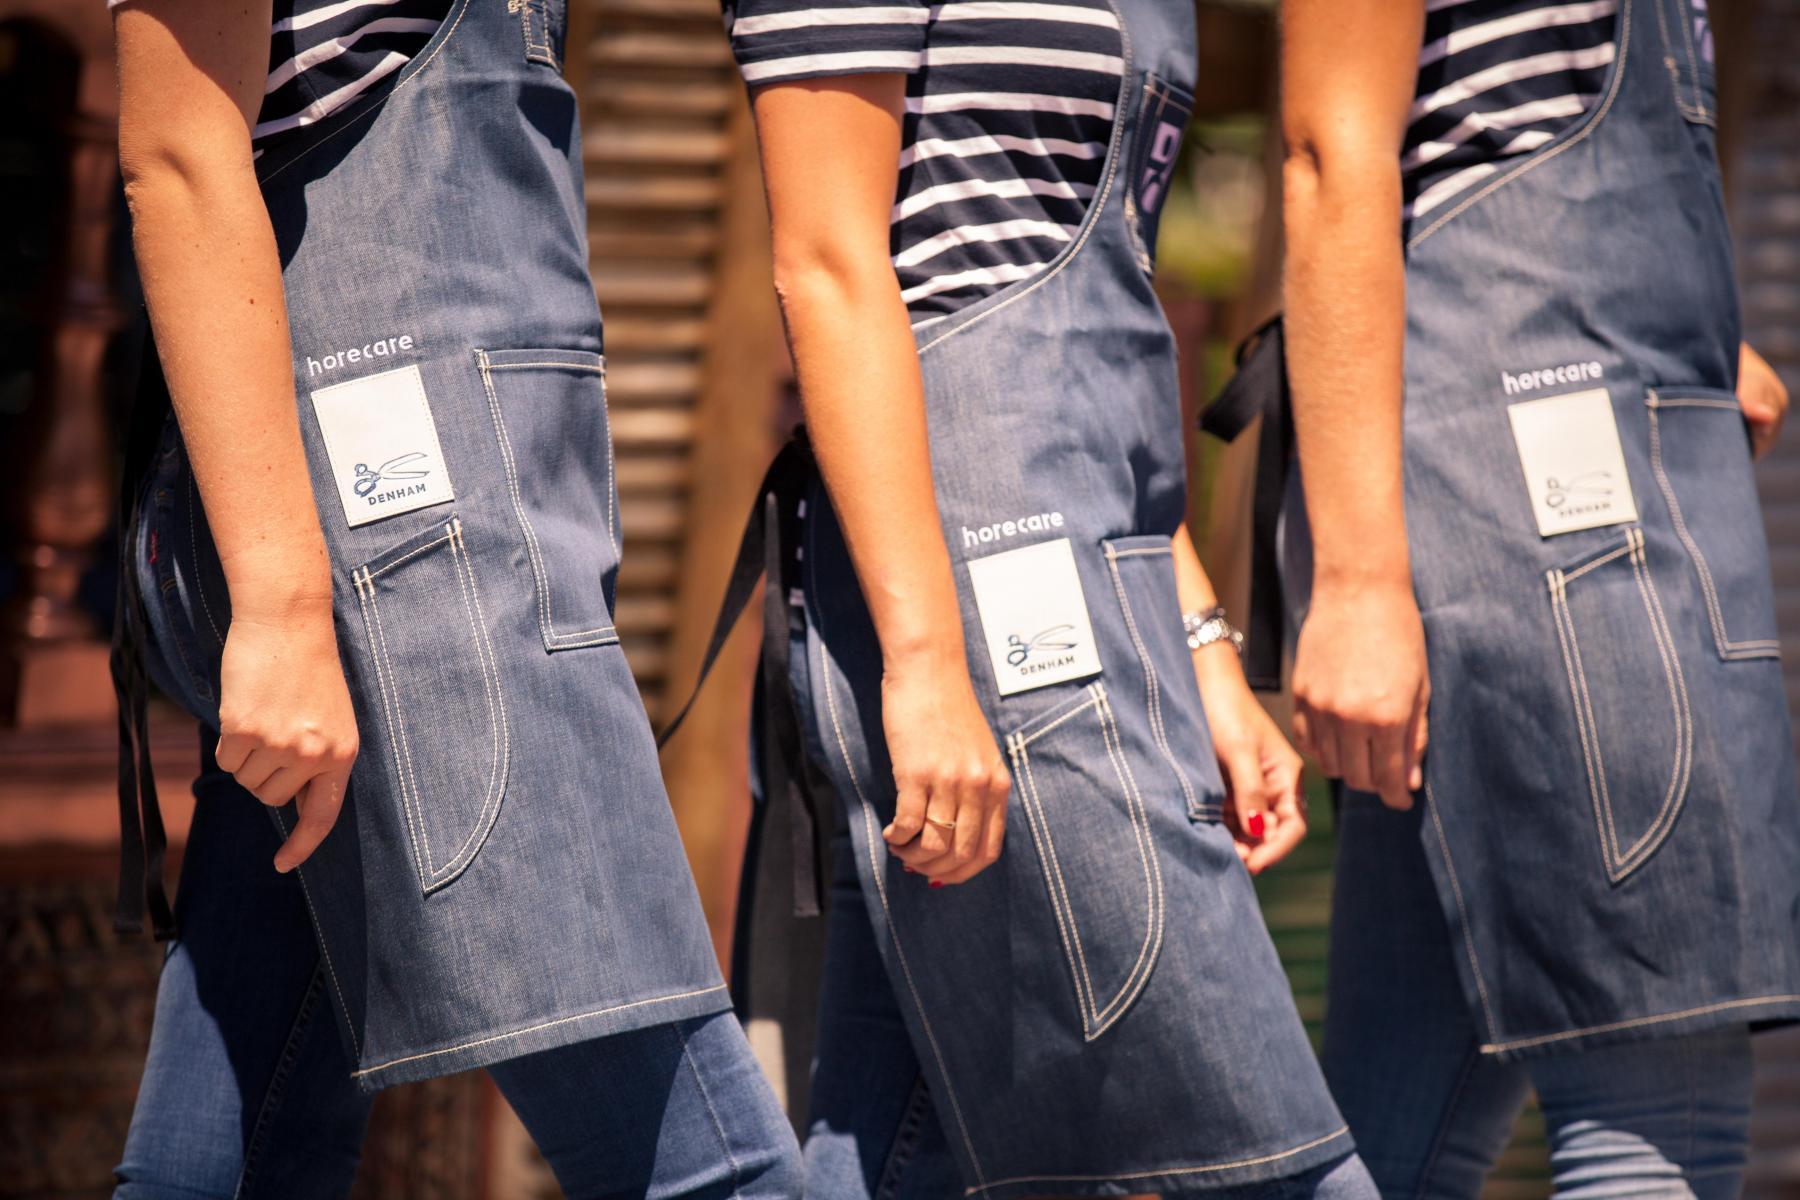 Horecare Denham tweede kledinglijn Maastricht Limburg events personeel horecare.eu